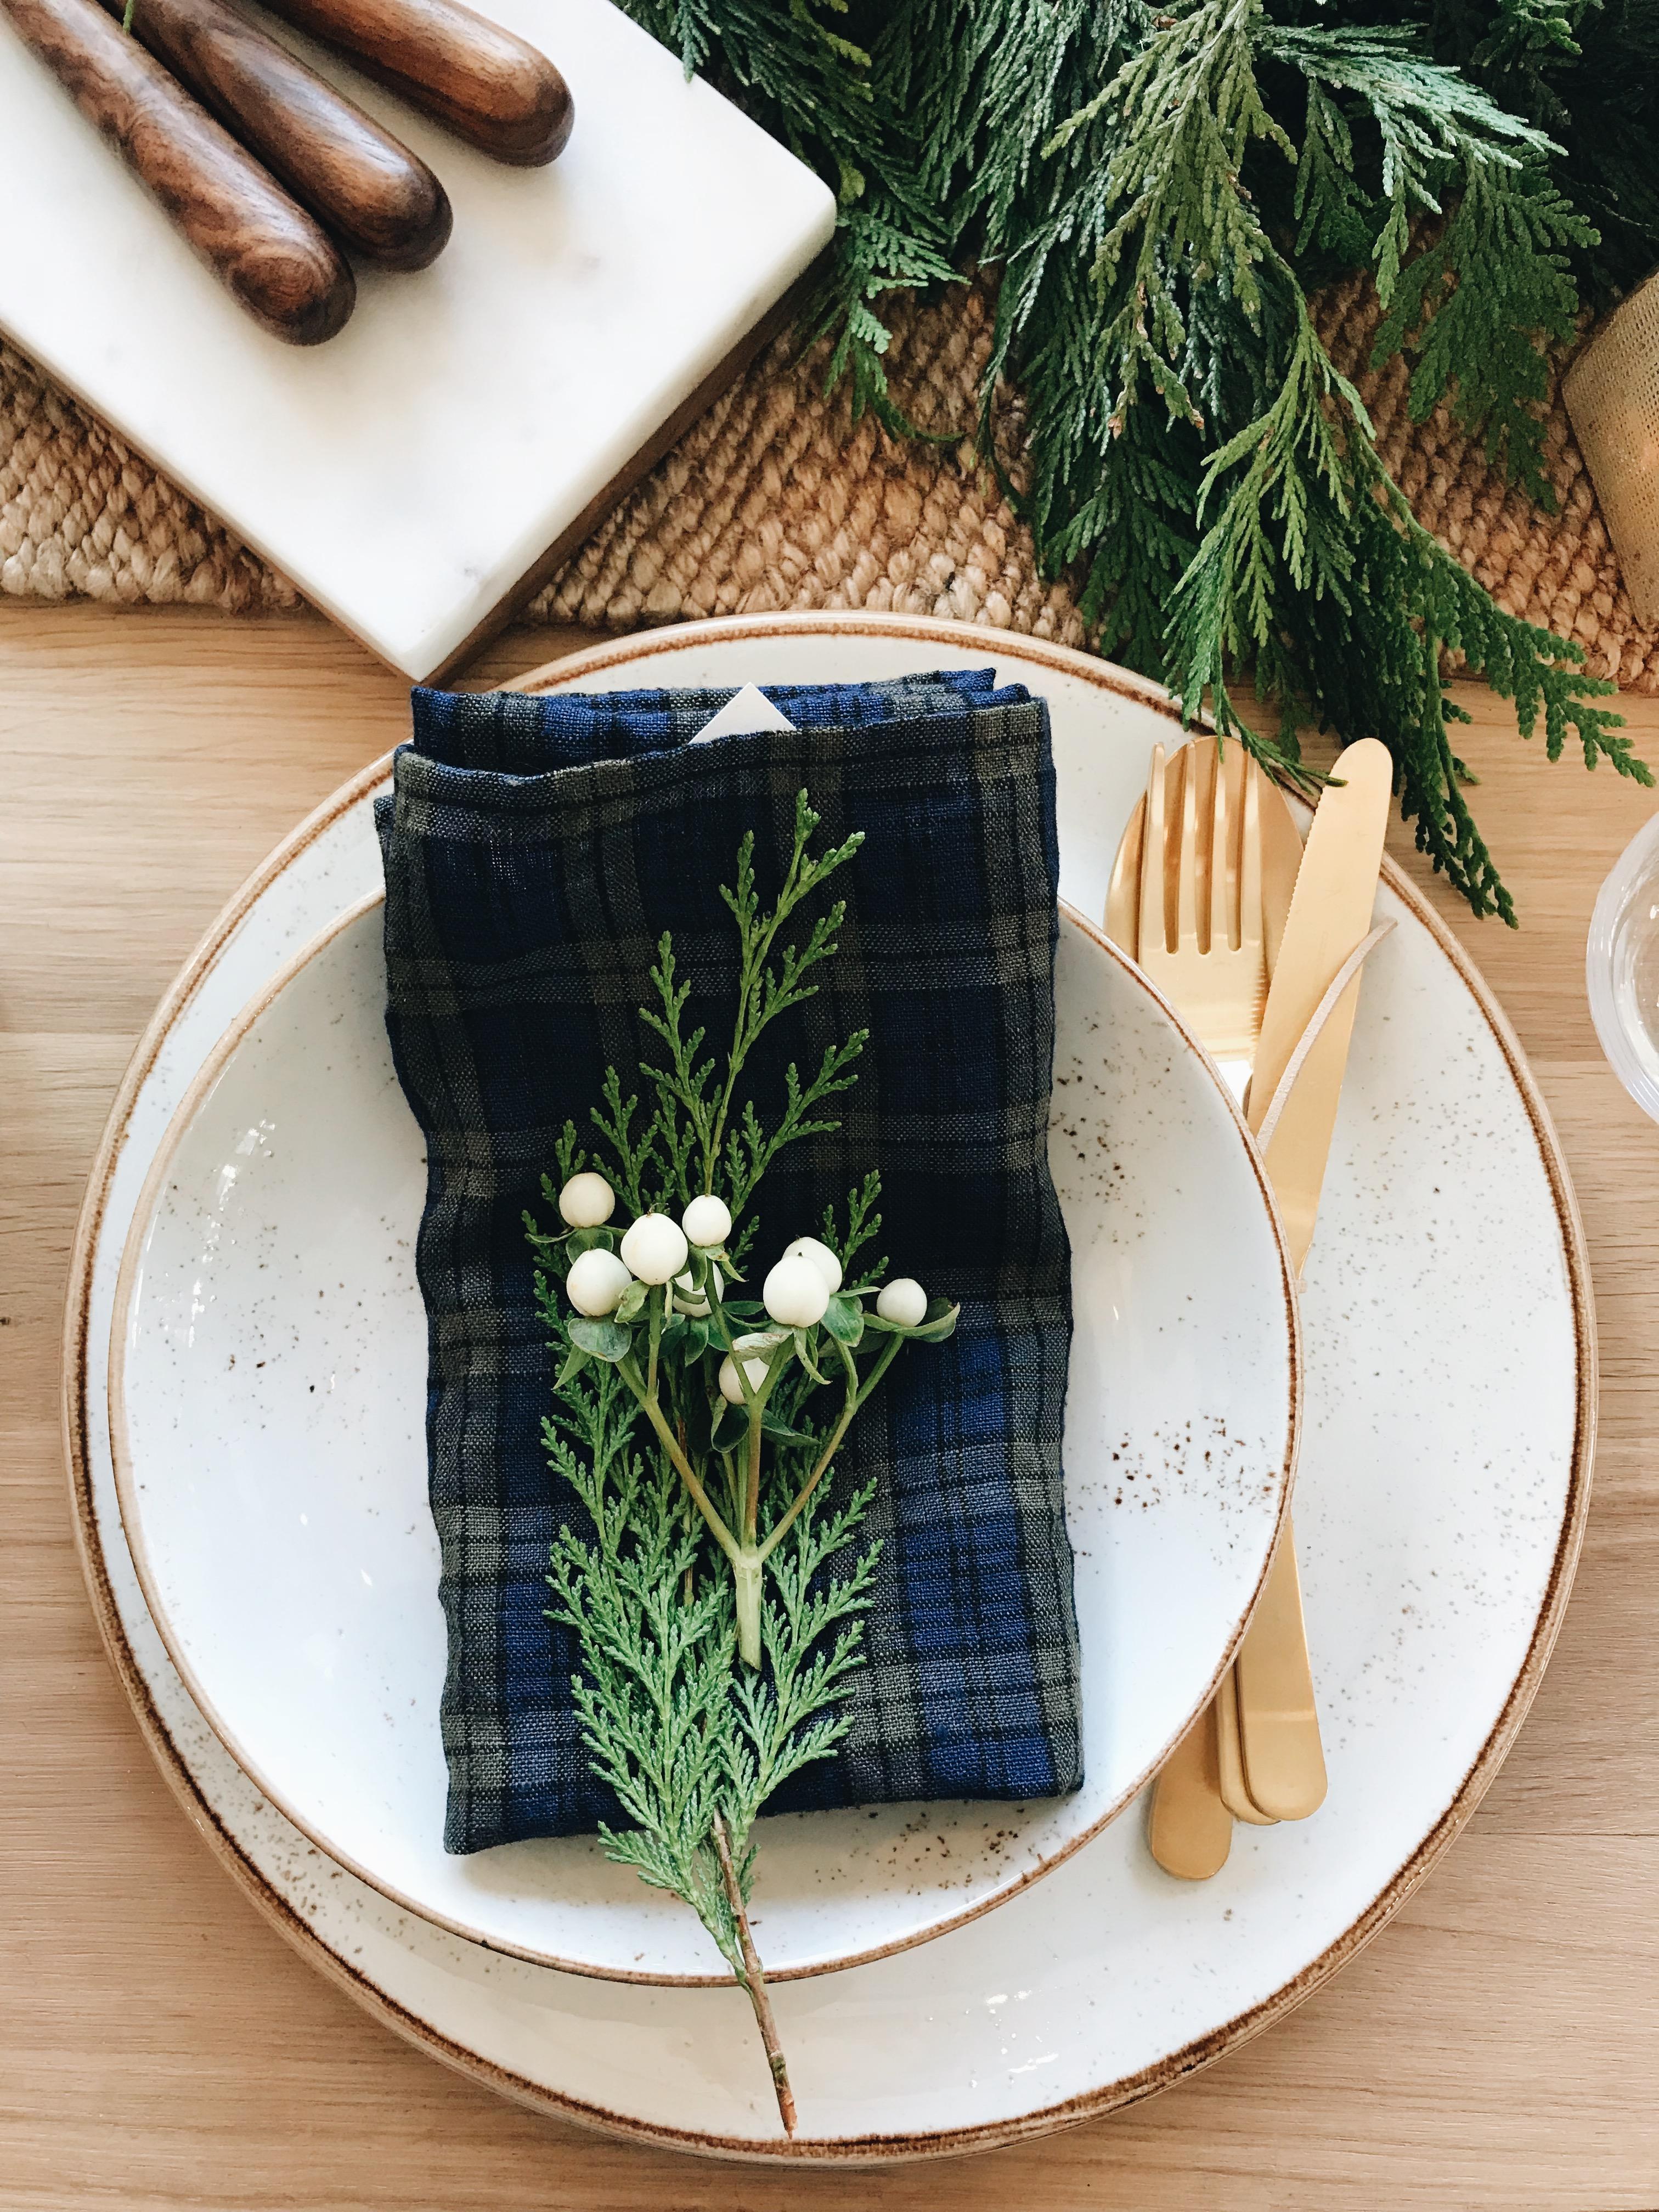 festive dinner ware